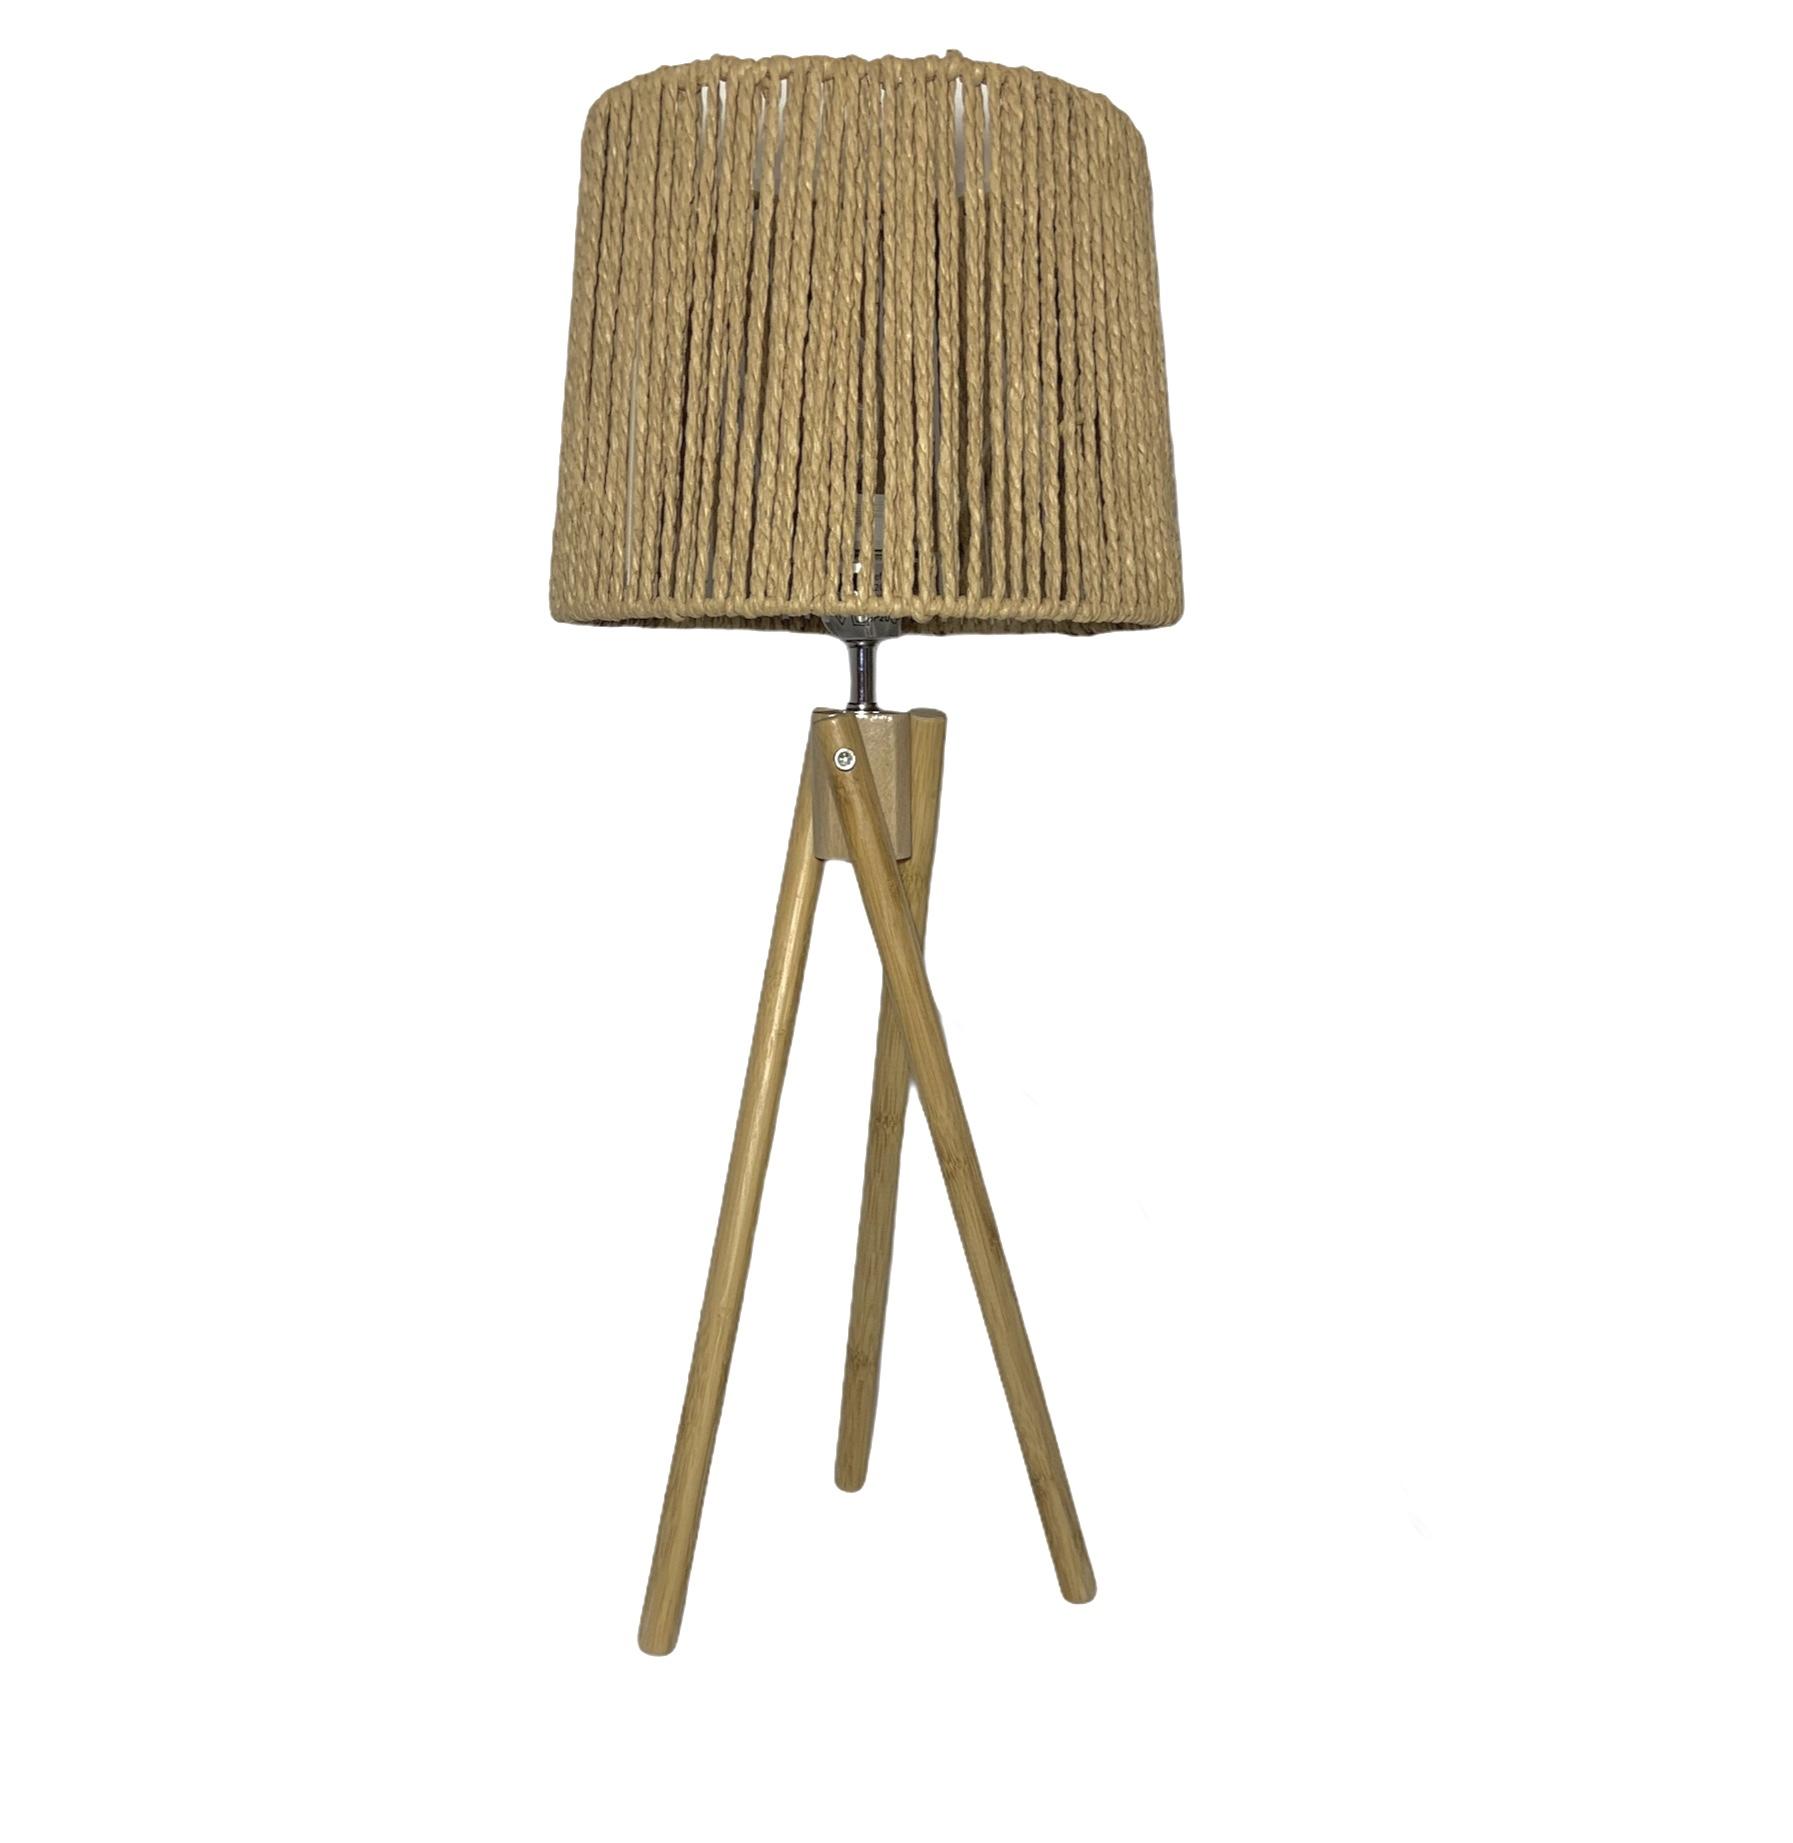 31657-lampara-sobremesa-cuerda-natural.jpeg